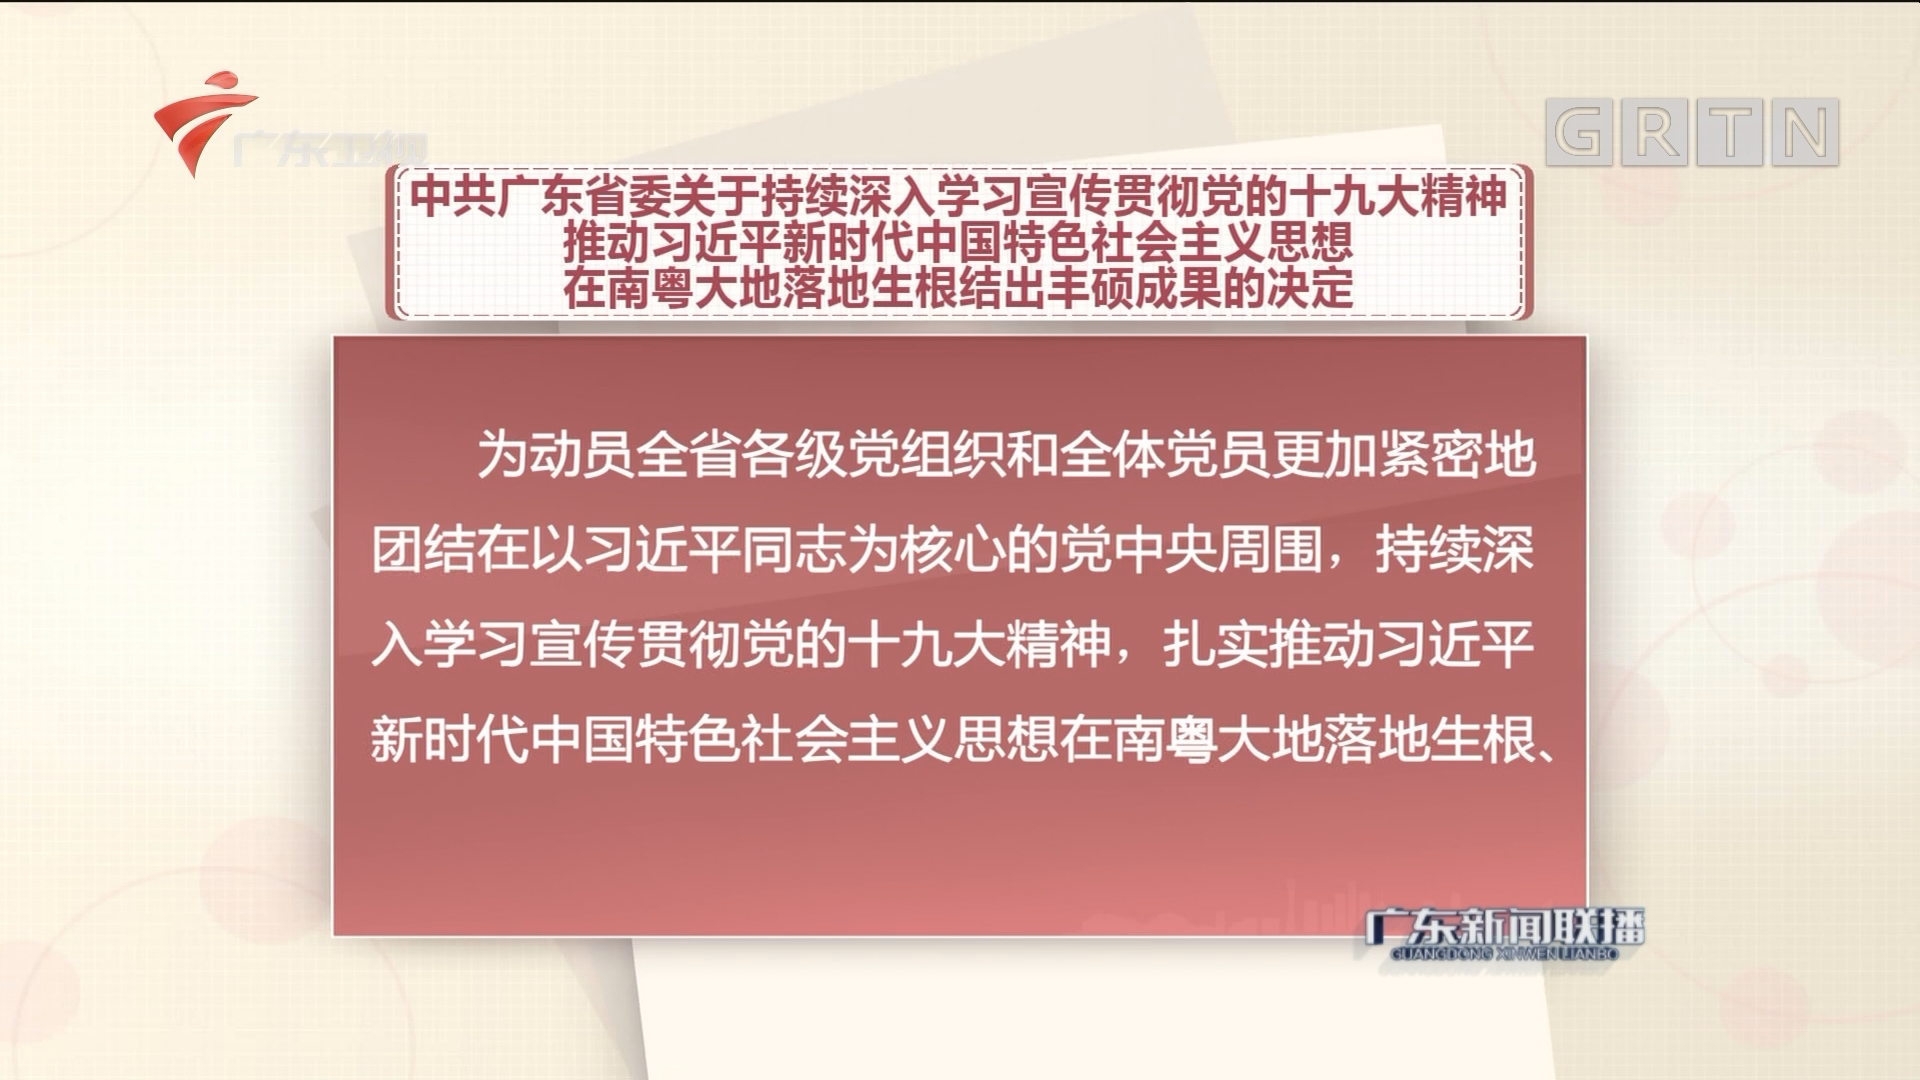 中共广东省委十二届二次全会决定公布